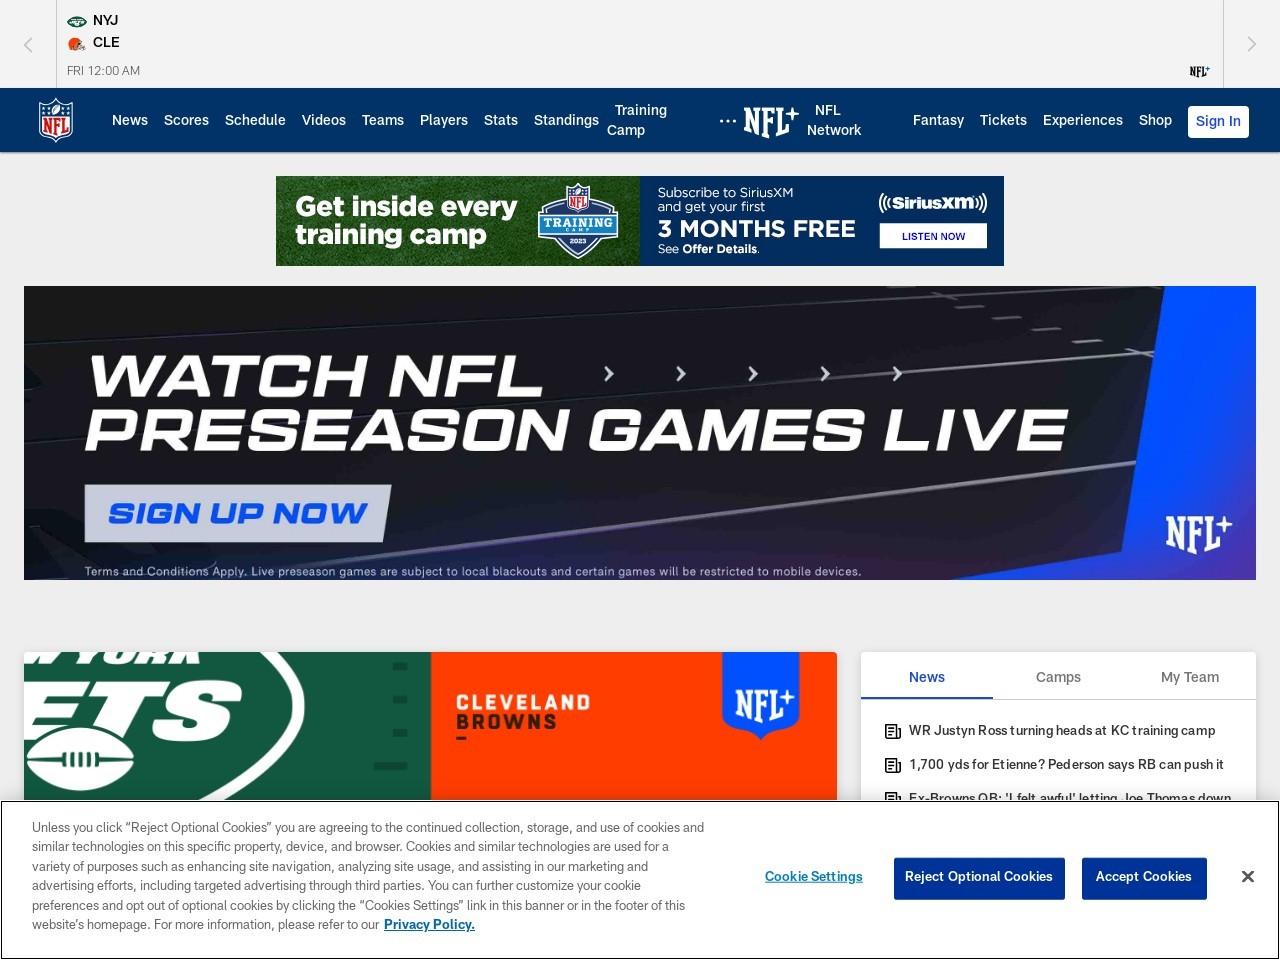 Giants hiring James Bettcher as defensive coordinator